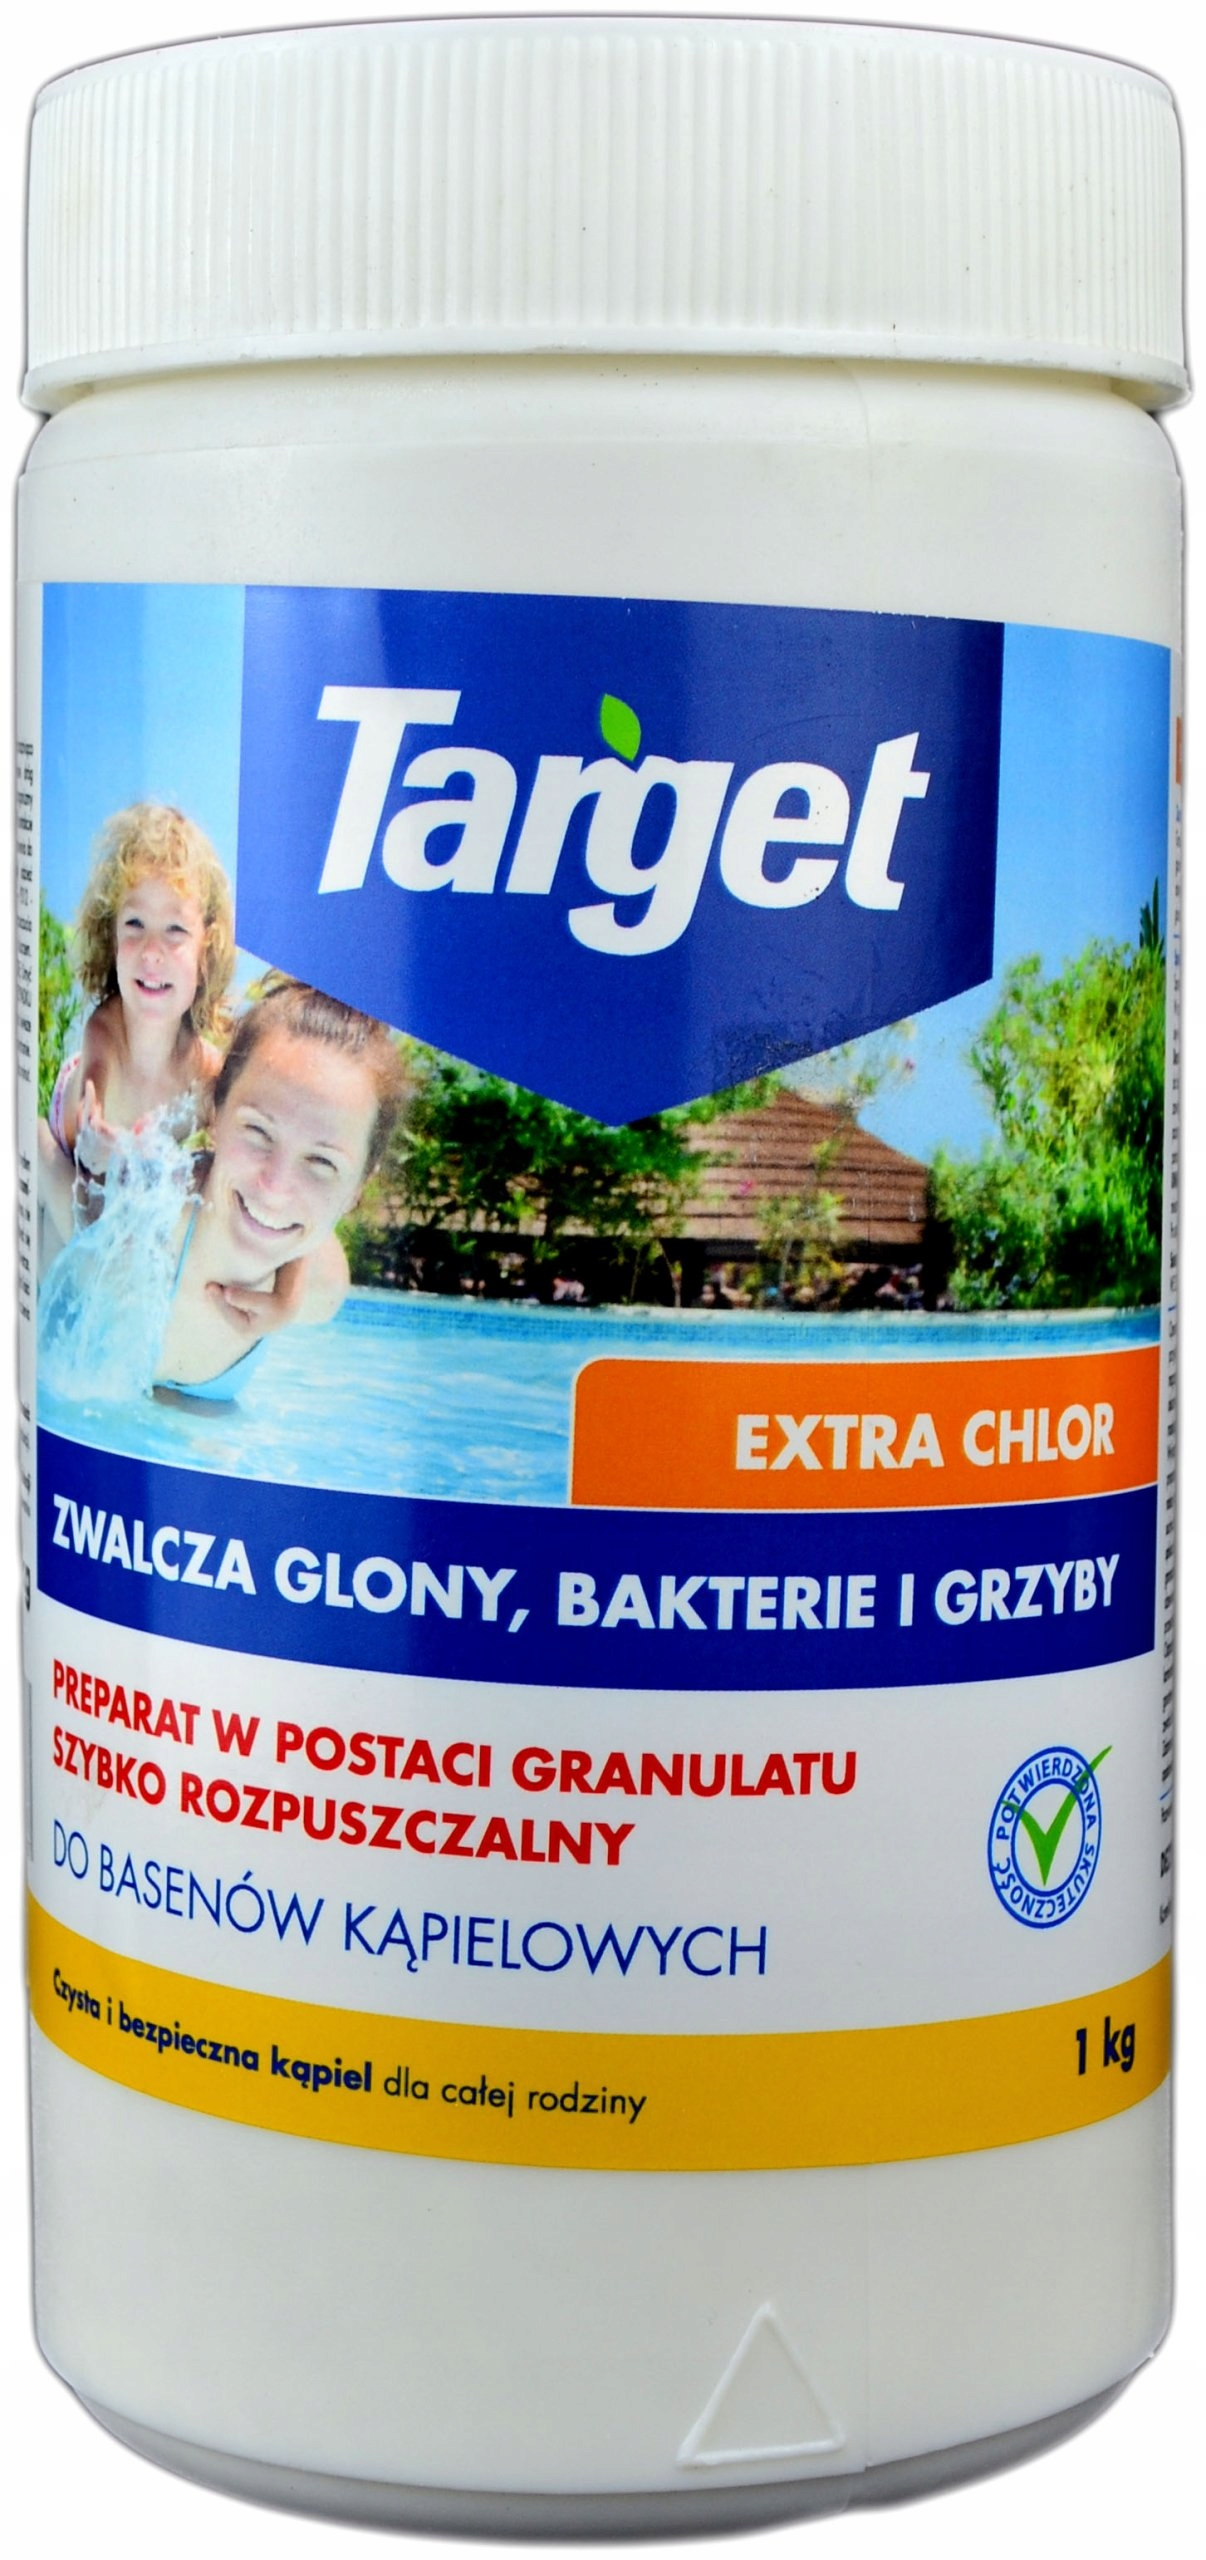 Target Extra Chlorine в гранулах, 1 кг порошка для бассейнов